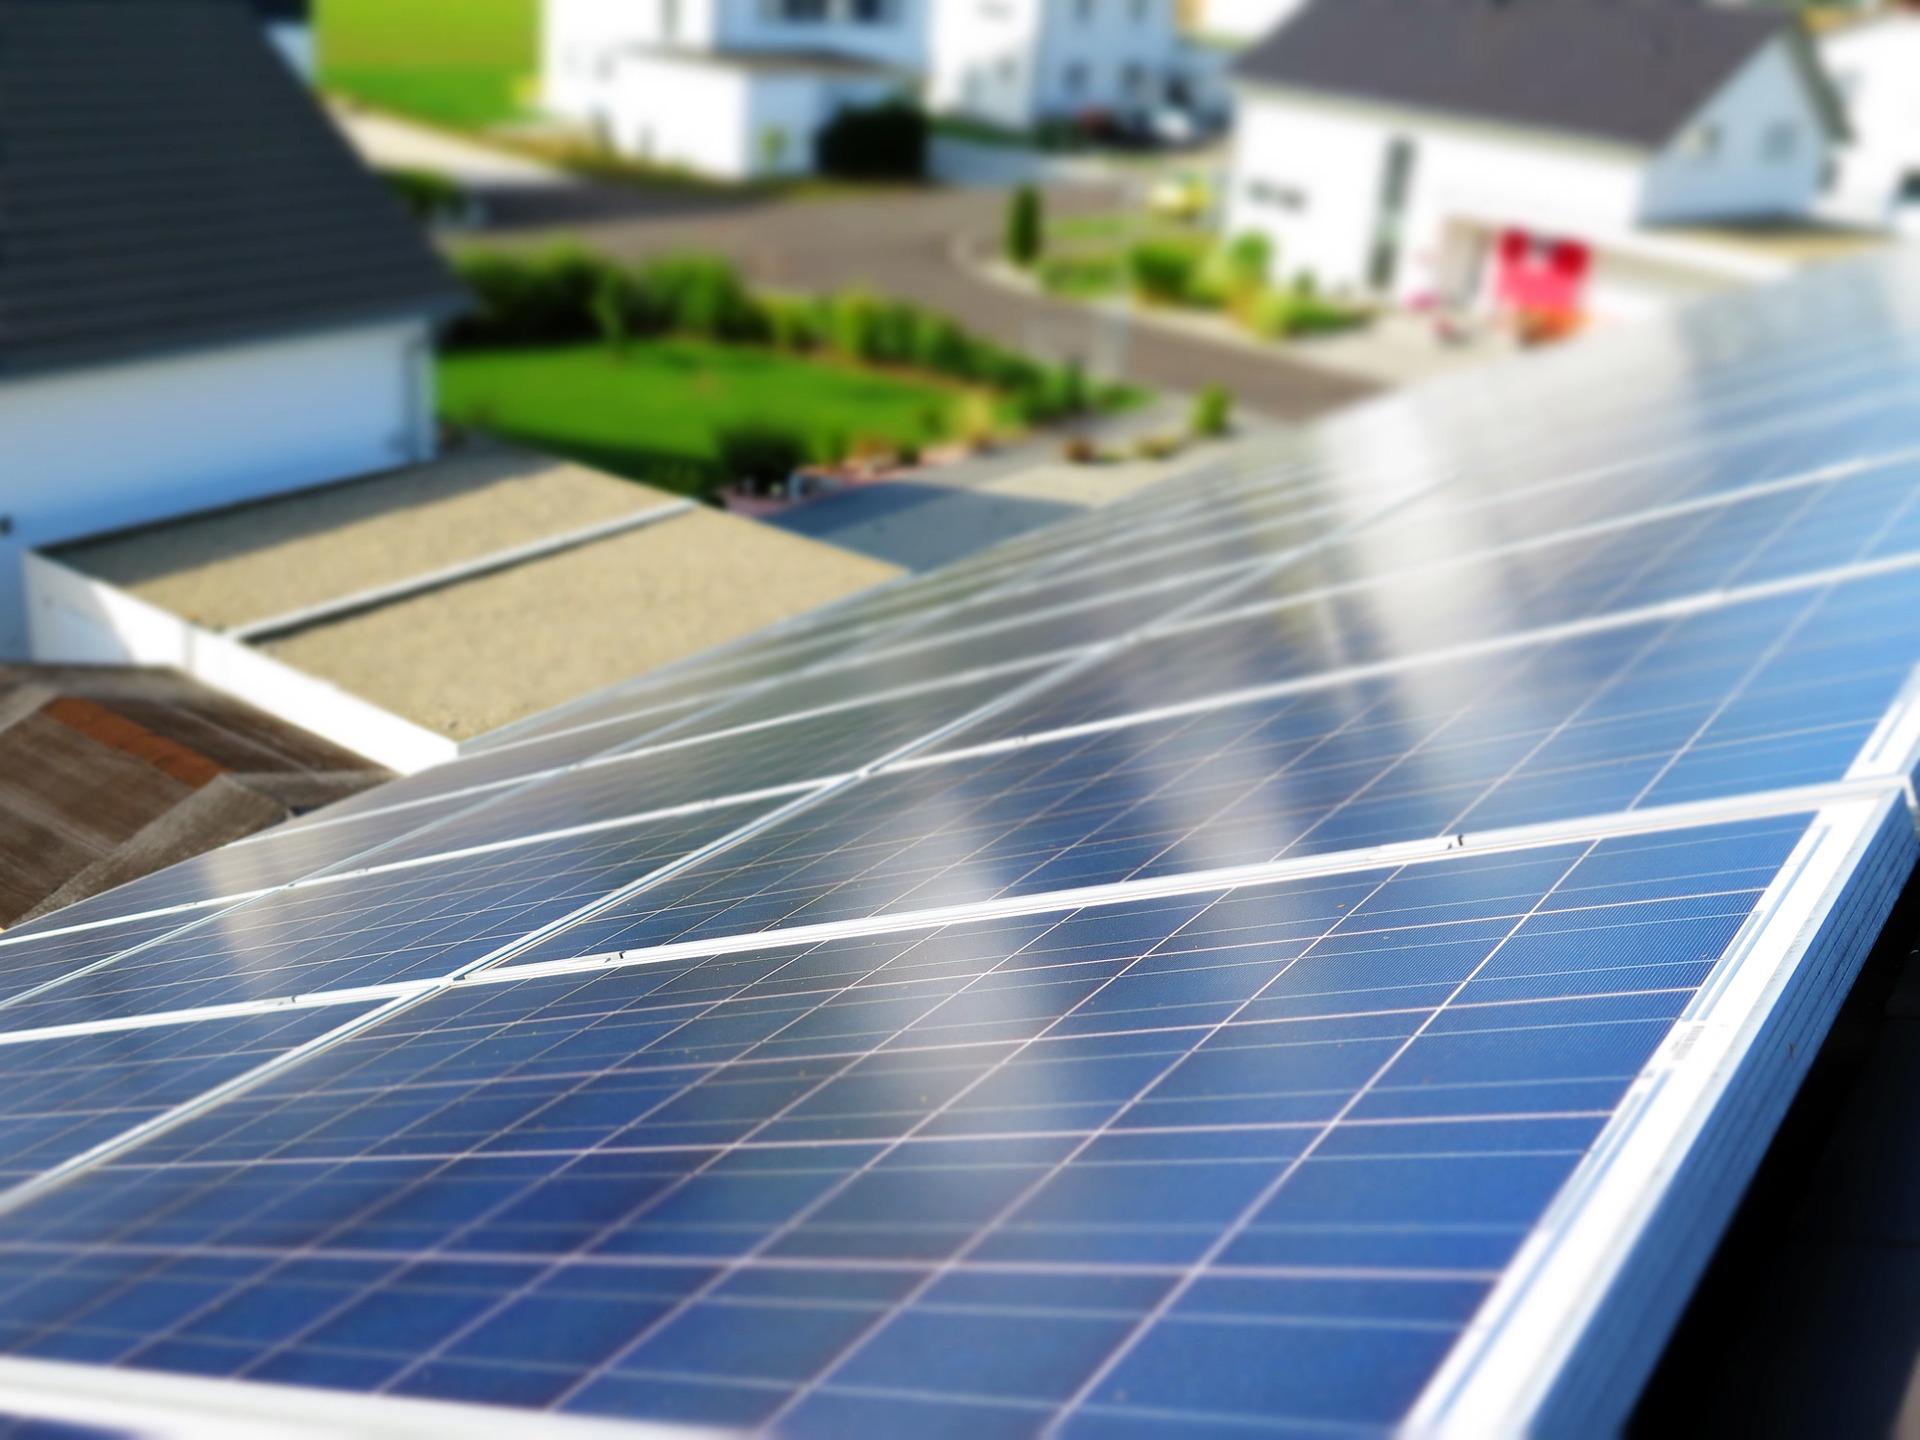 Solarstrom direkt vom Nachbar anstatt vom weit entfernten Kraftwerk: Ein Forschungsprojekt in Walenstadt will herausfinden, wie das funktionieren kann.